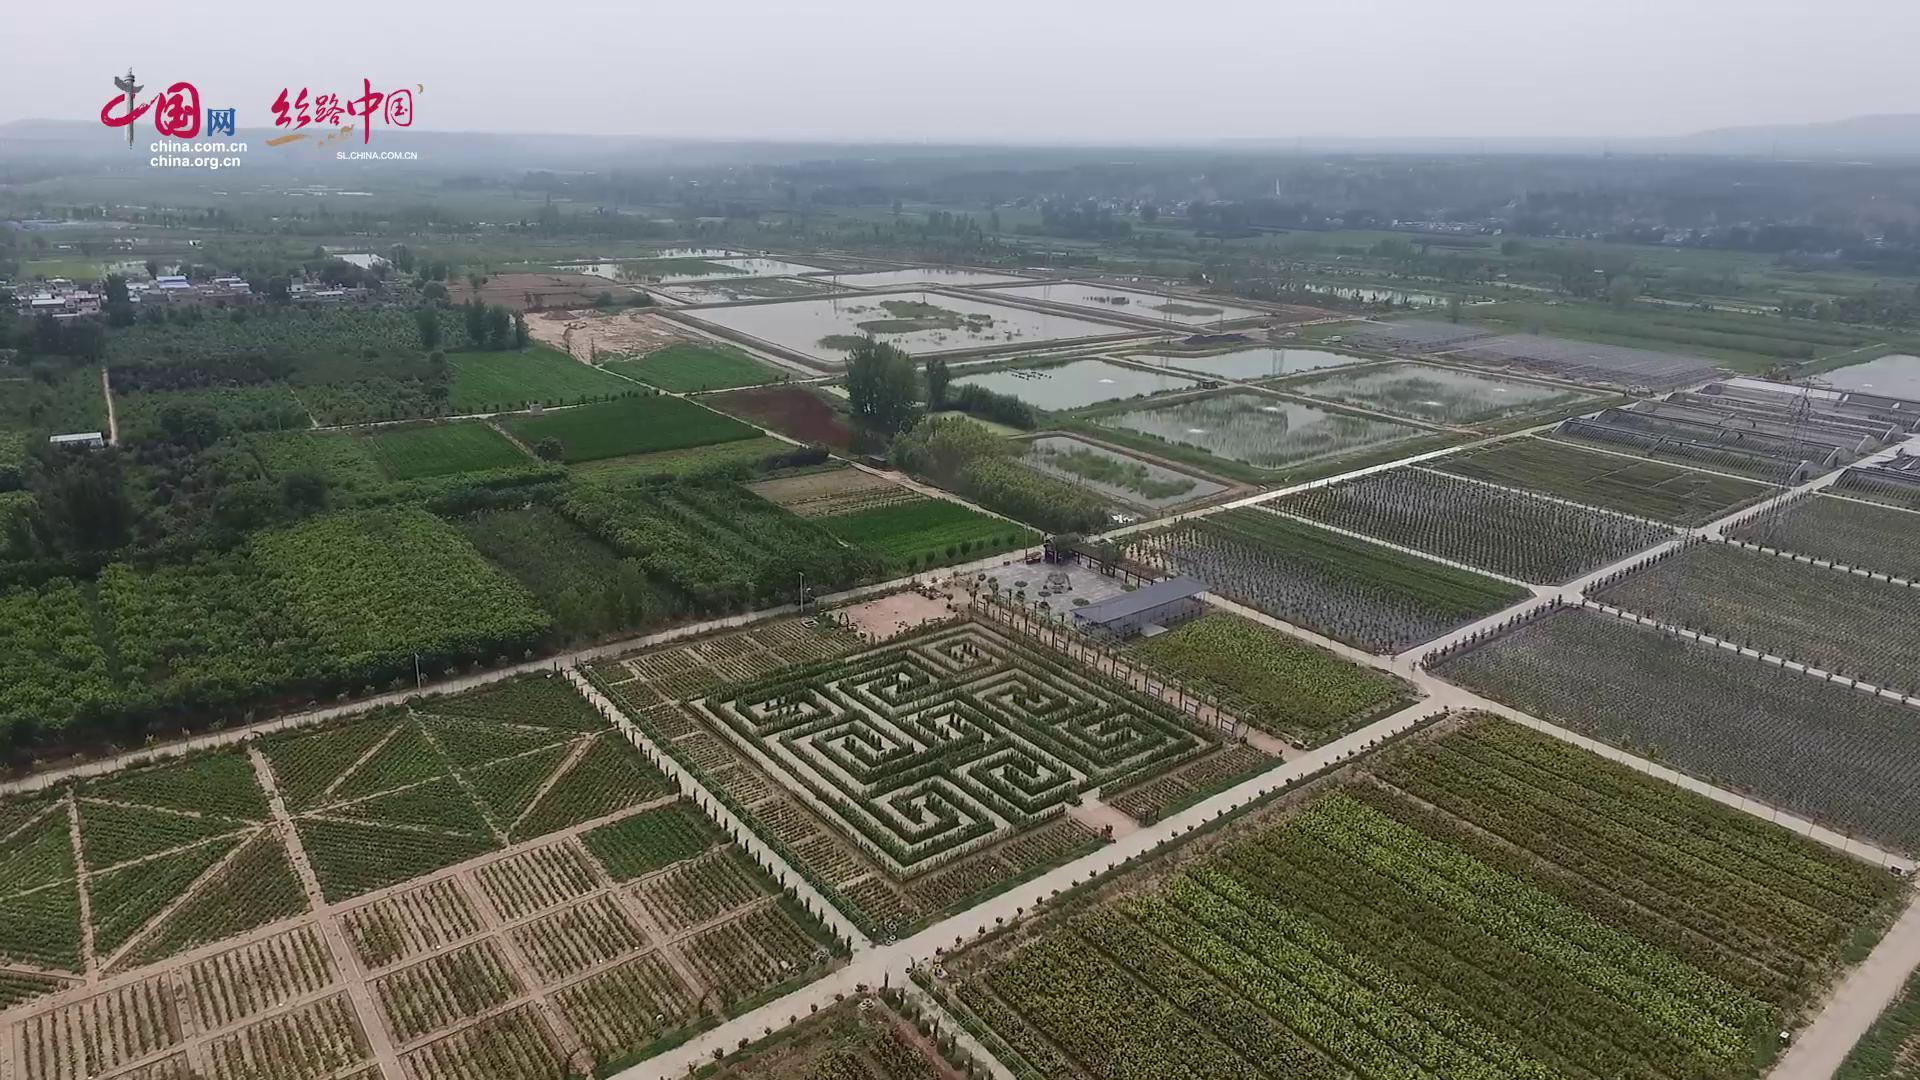 【視頻】陜西韓城:圍繞建成黃河沿岸區域性中心城市目標 聚力脫貧攻堅